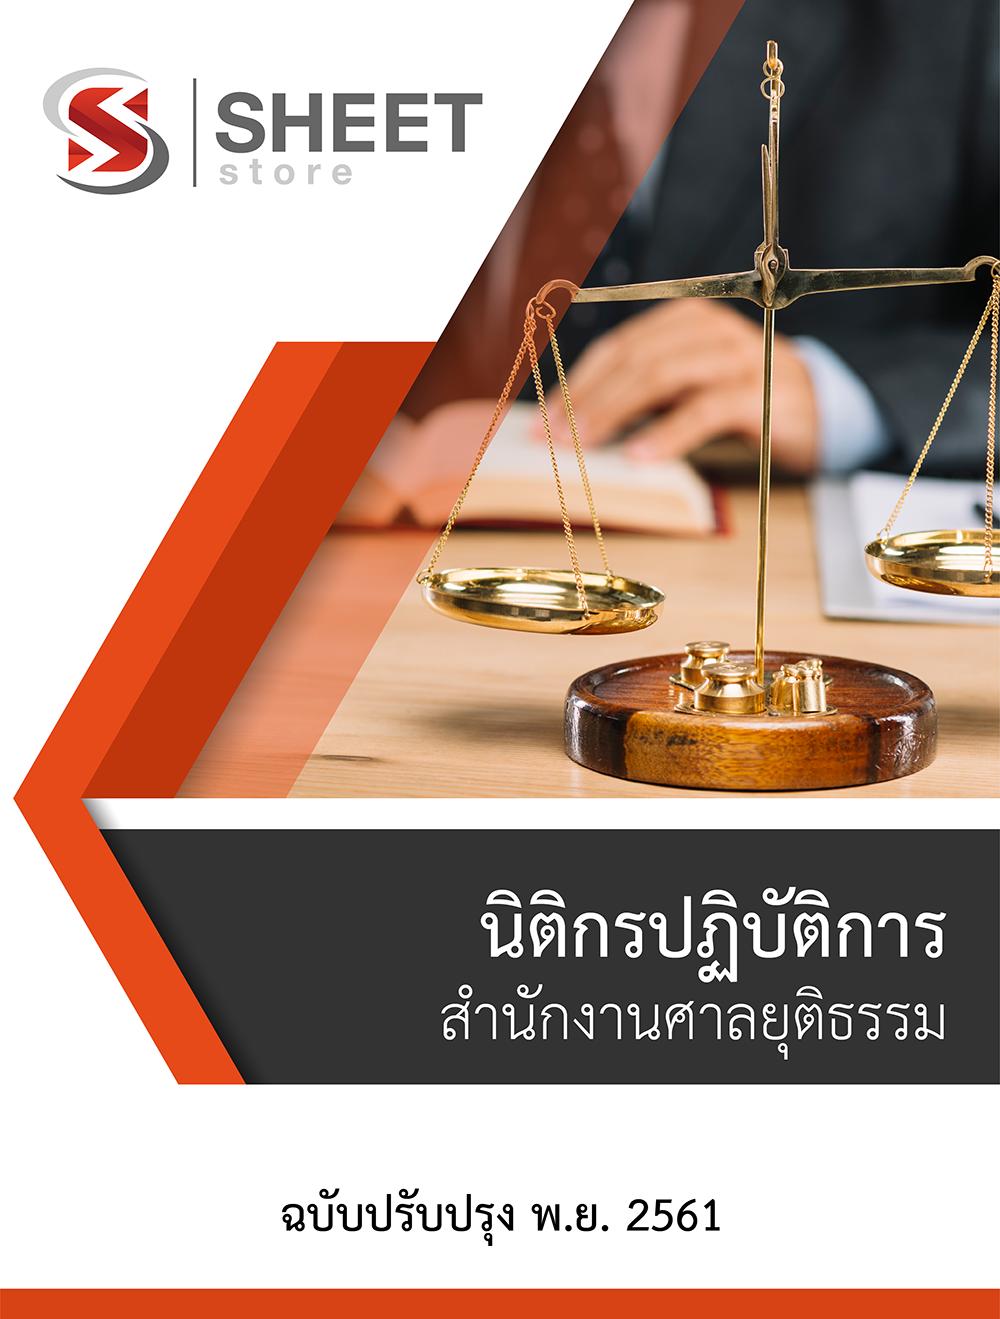 แนวข้อสอบ นิติกรปฏิบัติการ สำนักงานศาลยุติธรรม อัพเดตล่าสุดตรงตามประกาศสอบ